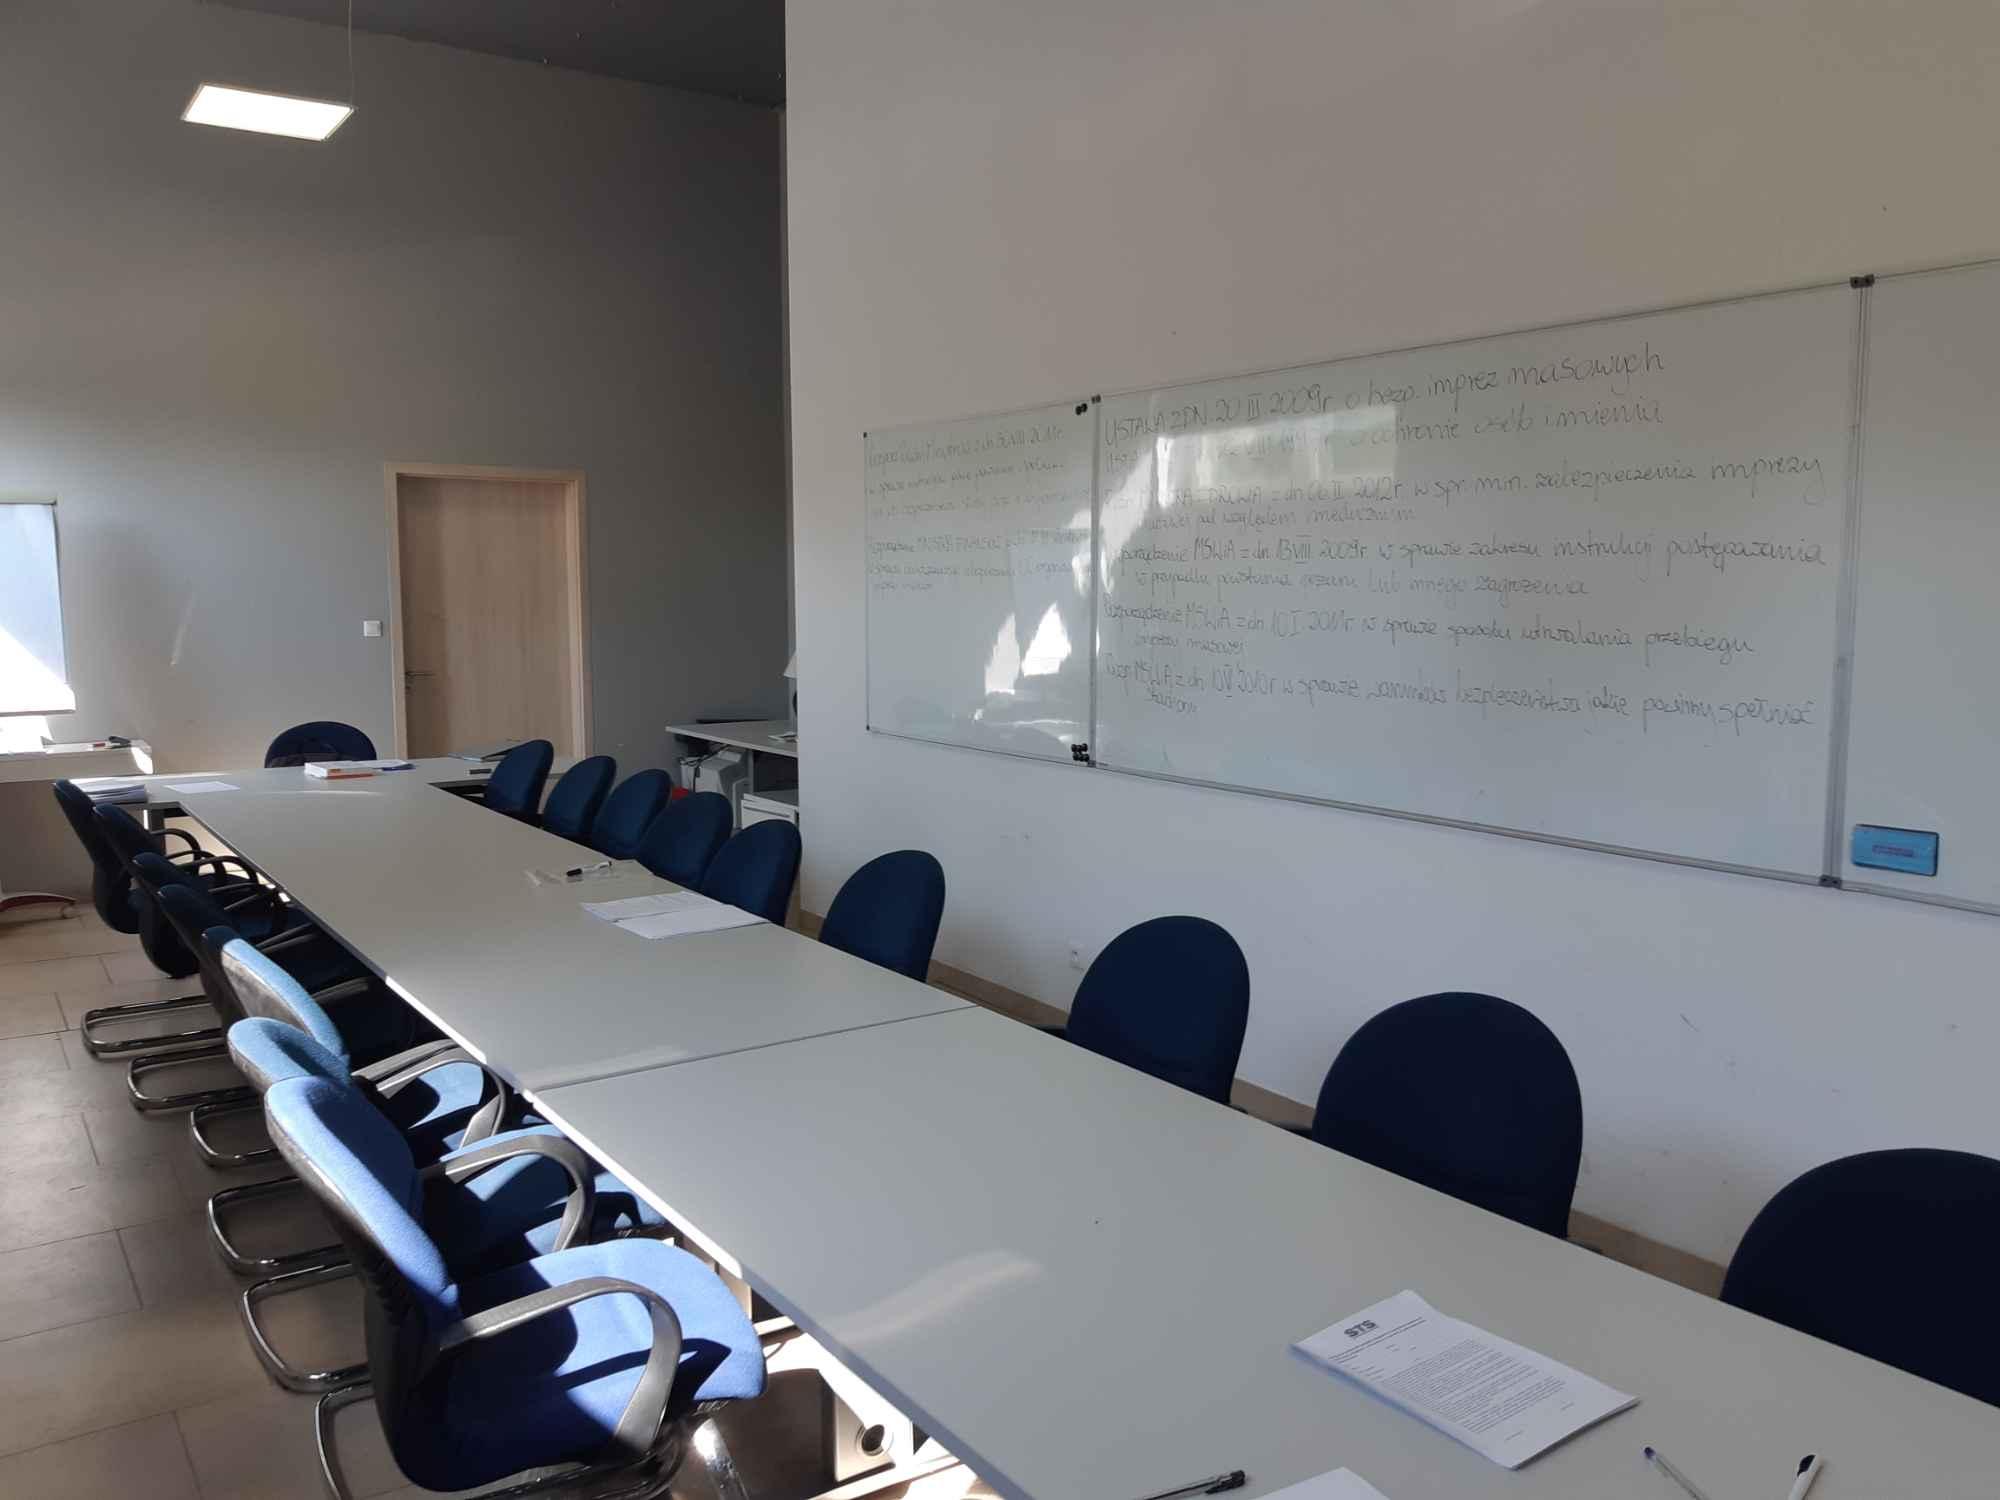 Profesjonalny Kurs Ochrony Kwalifikowany i Kurs Doskonalący Bełchatów - zdjęcie 4